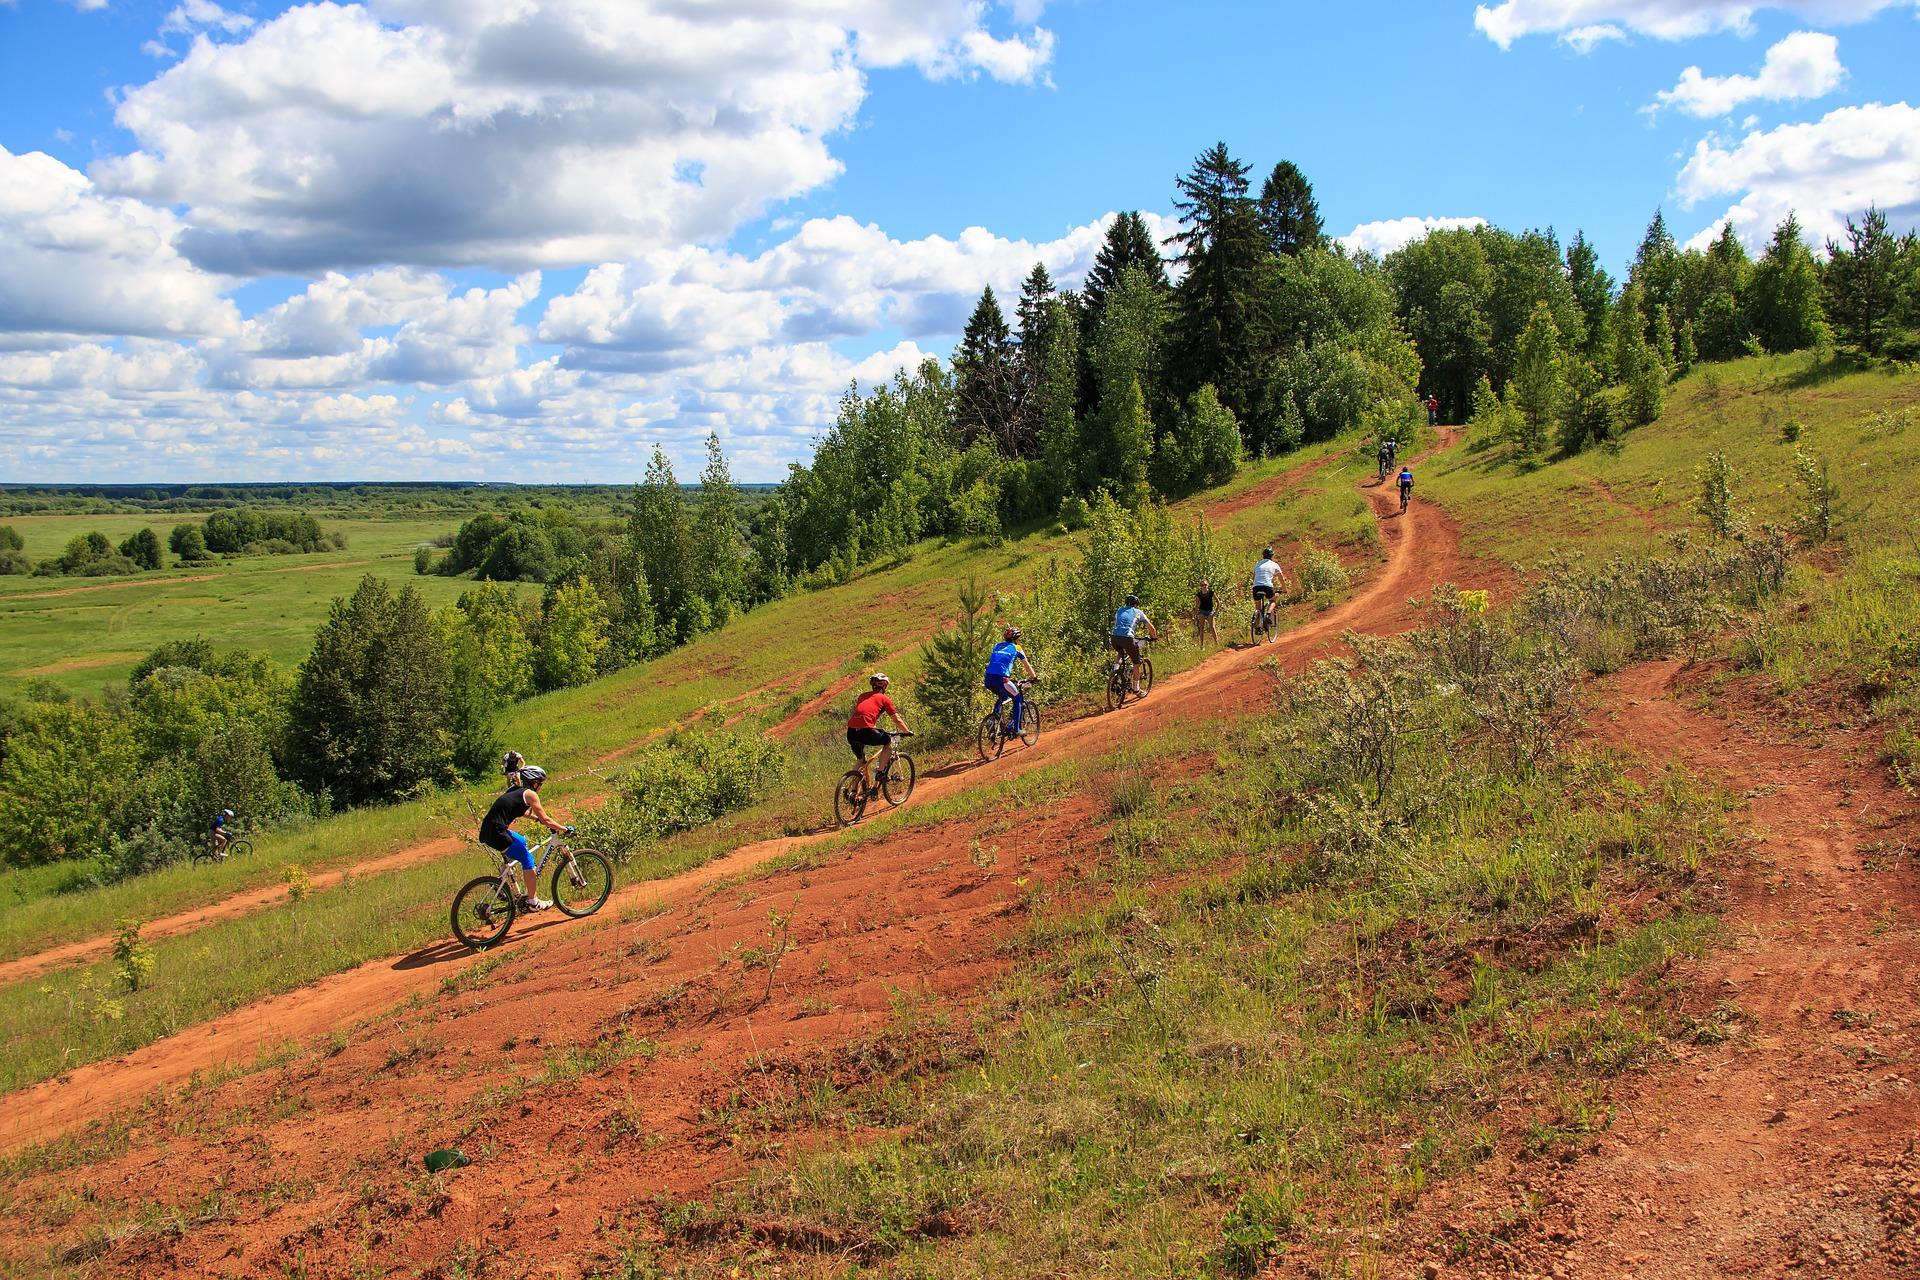 Subidas no mountain bike: single line